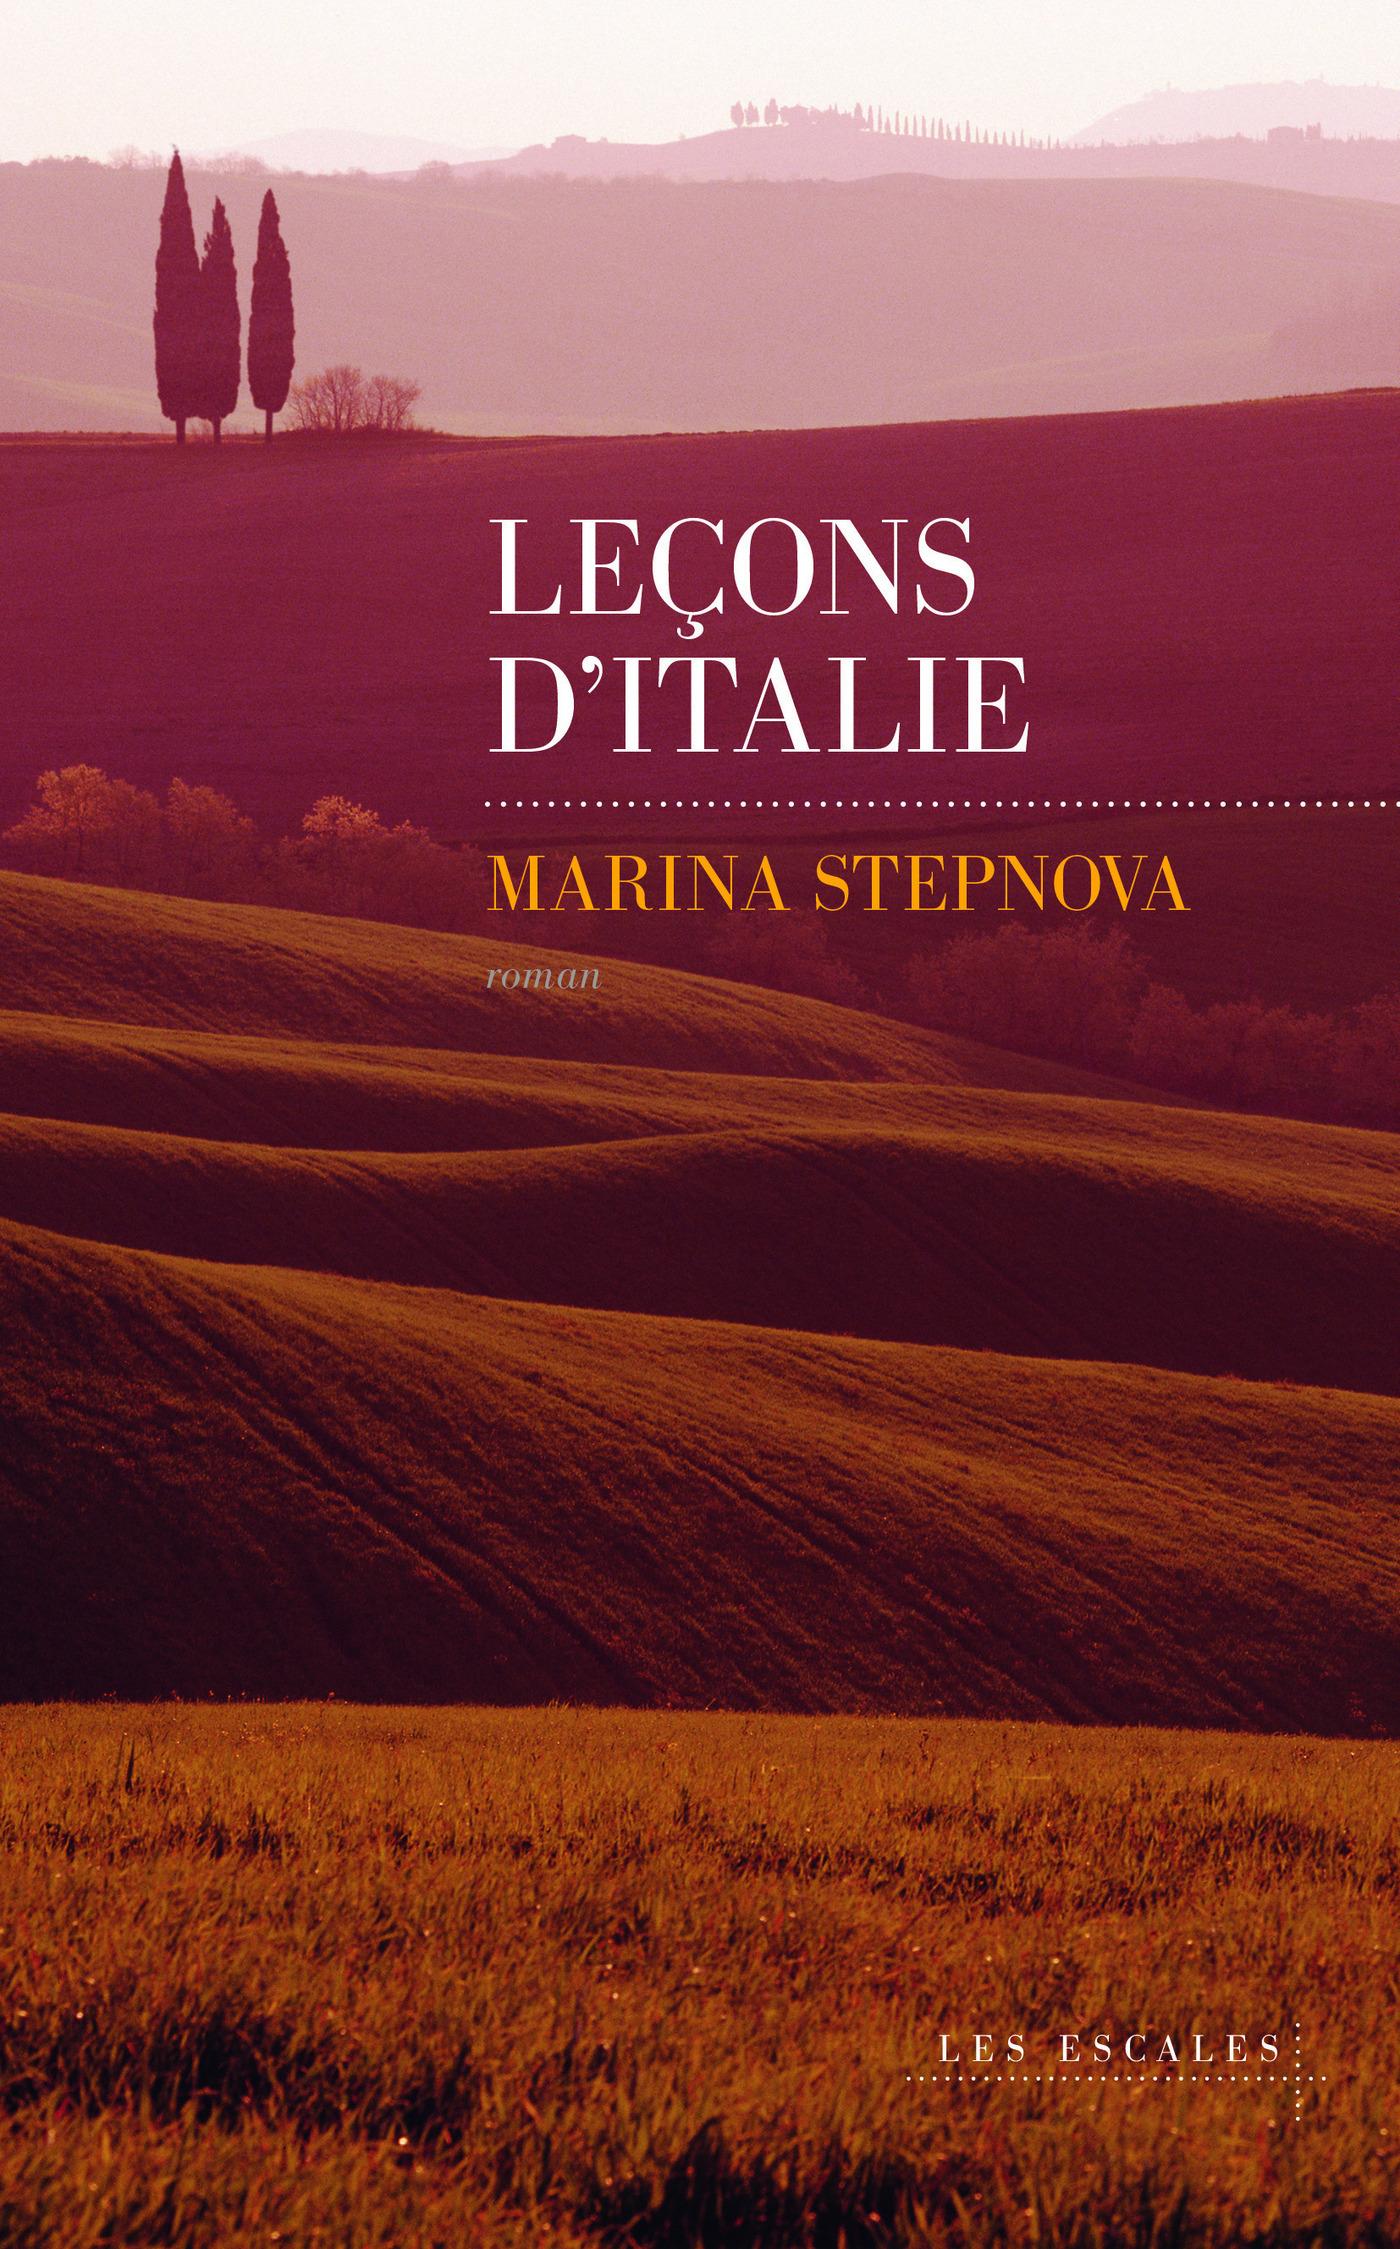 Leçons d'Italie | STEPNOVA, Marina